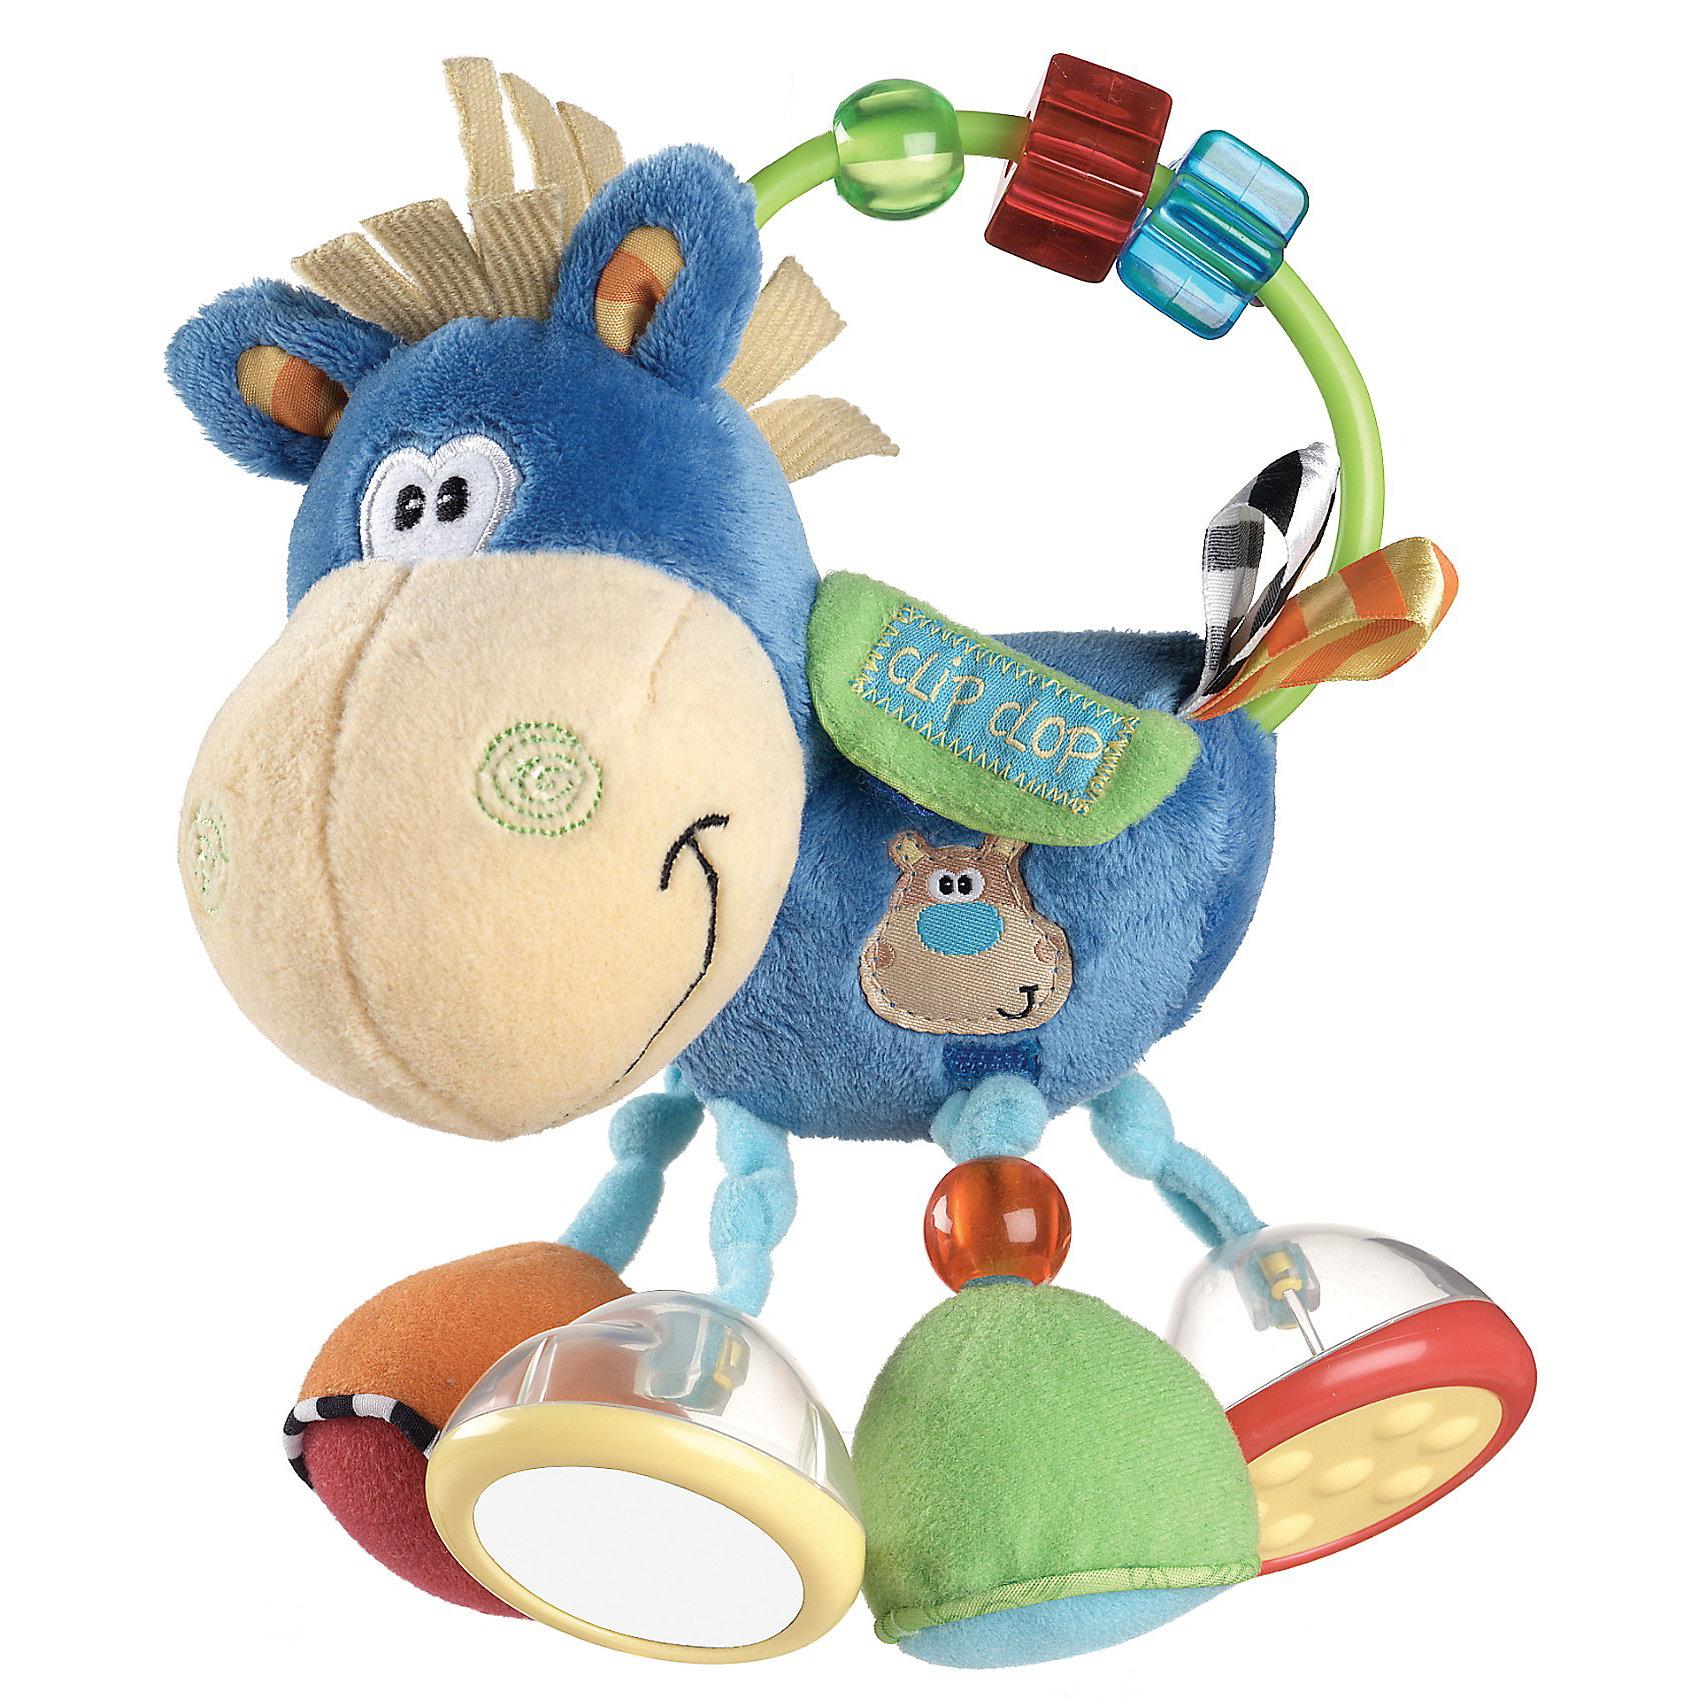 Погремушка Ослик Клип Клоп PlaygroМягкие игрушки<br>Погремушка Ослик Клип Клоп Playgro (Плейгро) - веселый ослик - верный друг Вашего малыша!<br><br>Веселый ослик выполнен из разноцветной хлопчатобумажной ткани разных фактур. Каждая ножка ослика имеет разнообразный игровой элемент: погремушка с зеркалом, погремушка с рифленым основанием, колокольчик, шуршалка с бусиной. На дугу нанизаны прозрачные бусинки, которые можно передвигать из стороны в сторону. Как только малыш откроет кармашек на липучке, ему откроется улыбающаяся мордочка бегемотика.<br><br>Светлые цвета и узоры развивают визуальное восприятие. Малыш быстро научится тому, как извлекать из погремушки звуки.    <br><br>Дополнительная информация:<br><br>- Только ручная стирка.  <br>- Наружный материал и наполнитель: 100 % полиэстер. <br>- Размер: 20,5 x 8 x 20 см.<br><br>Погремушку Ослик Клип Клоп Playgro можно купить в нашем интернет-магазине.<br><br>Ширина мм: 231<br>Глубина мм: 159<br>Высота мм: 99<br>Вес г: 122<br>Возраст от месяцев: 3<br>Возраст до месяцев: 18<br>Пол: Унисекс<br>Возраст: Детский<br>SKU: 1715124